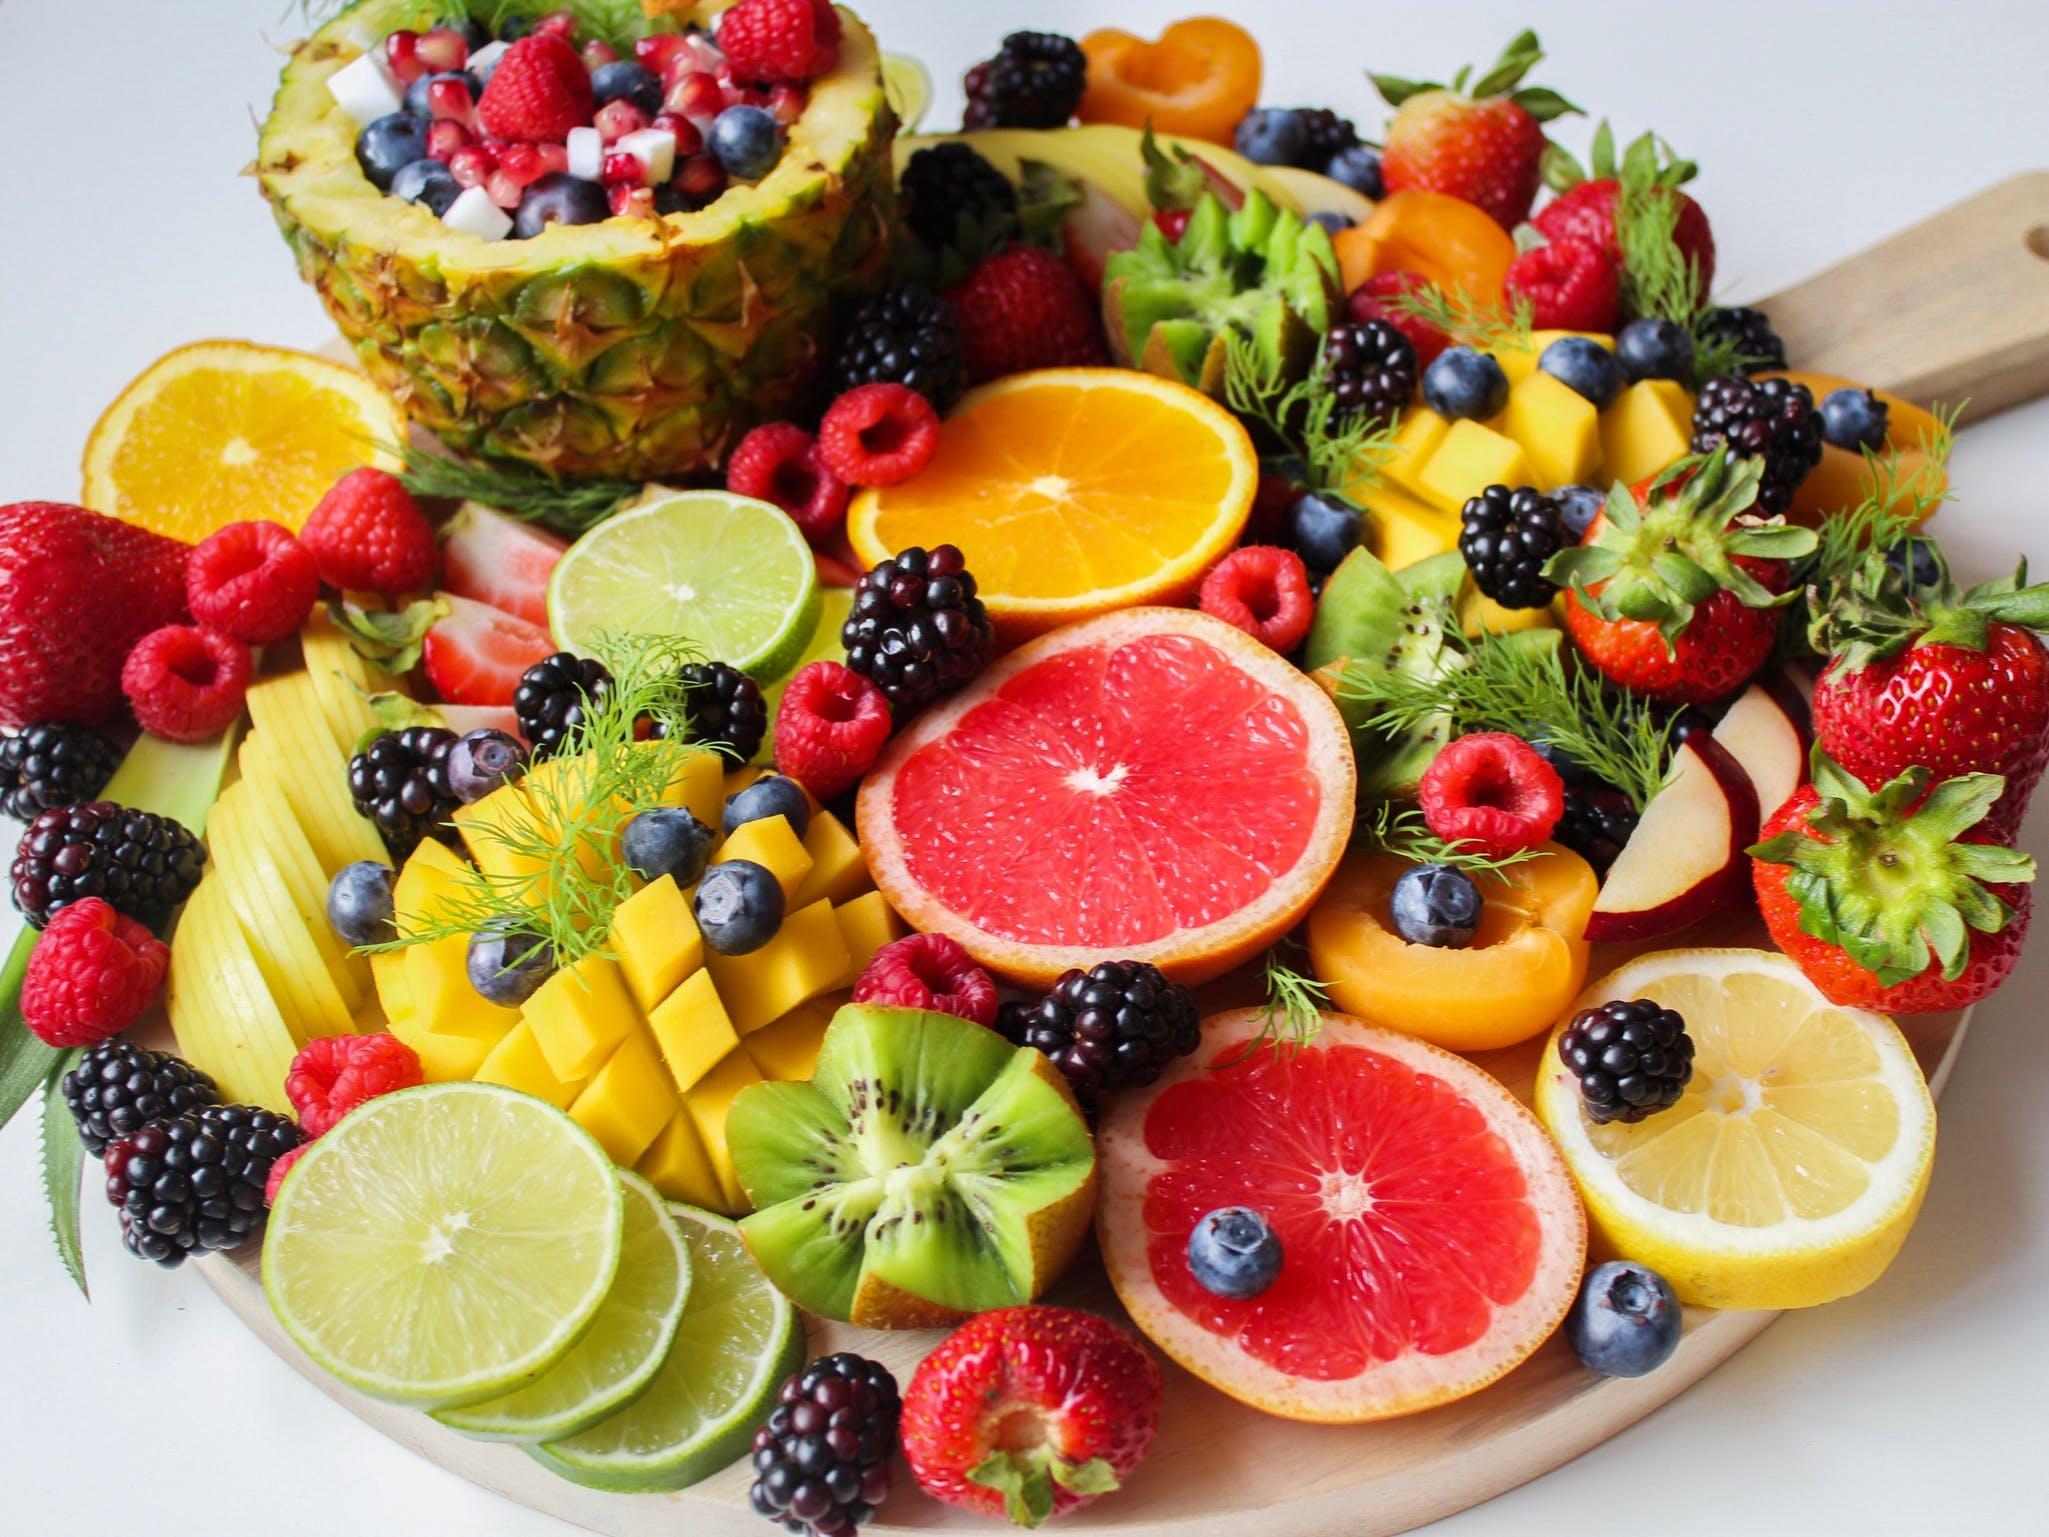 Gratis stockfoto met aardbeien, ananas, besjes, citroen